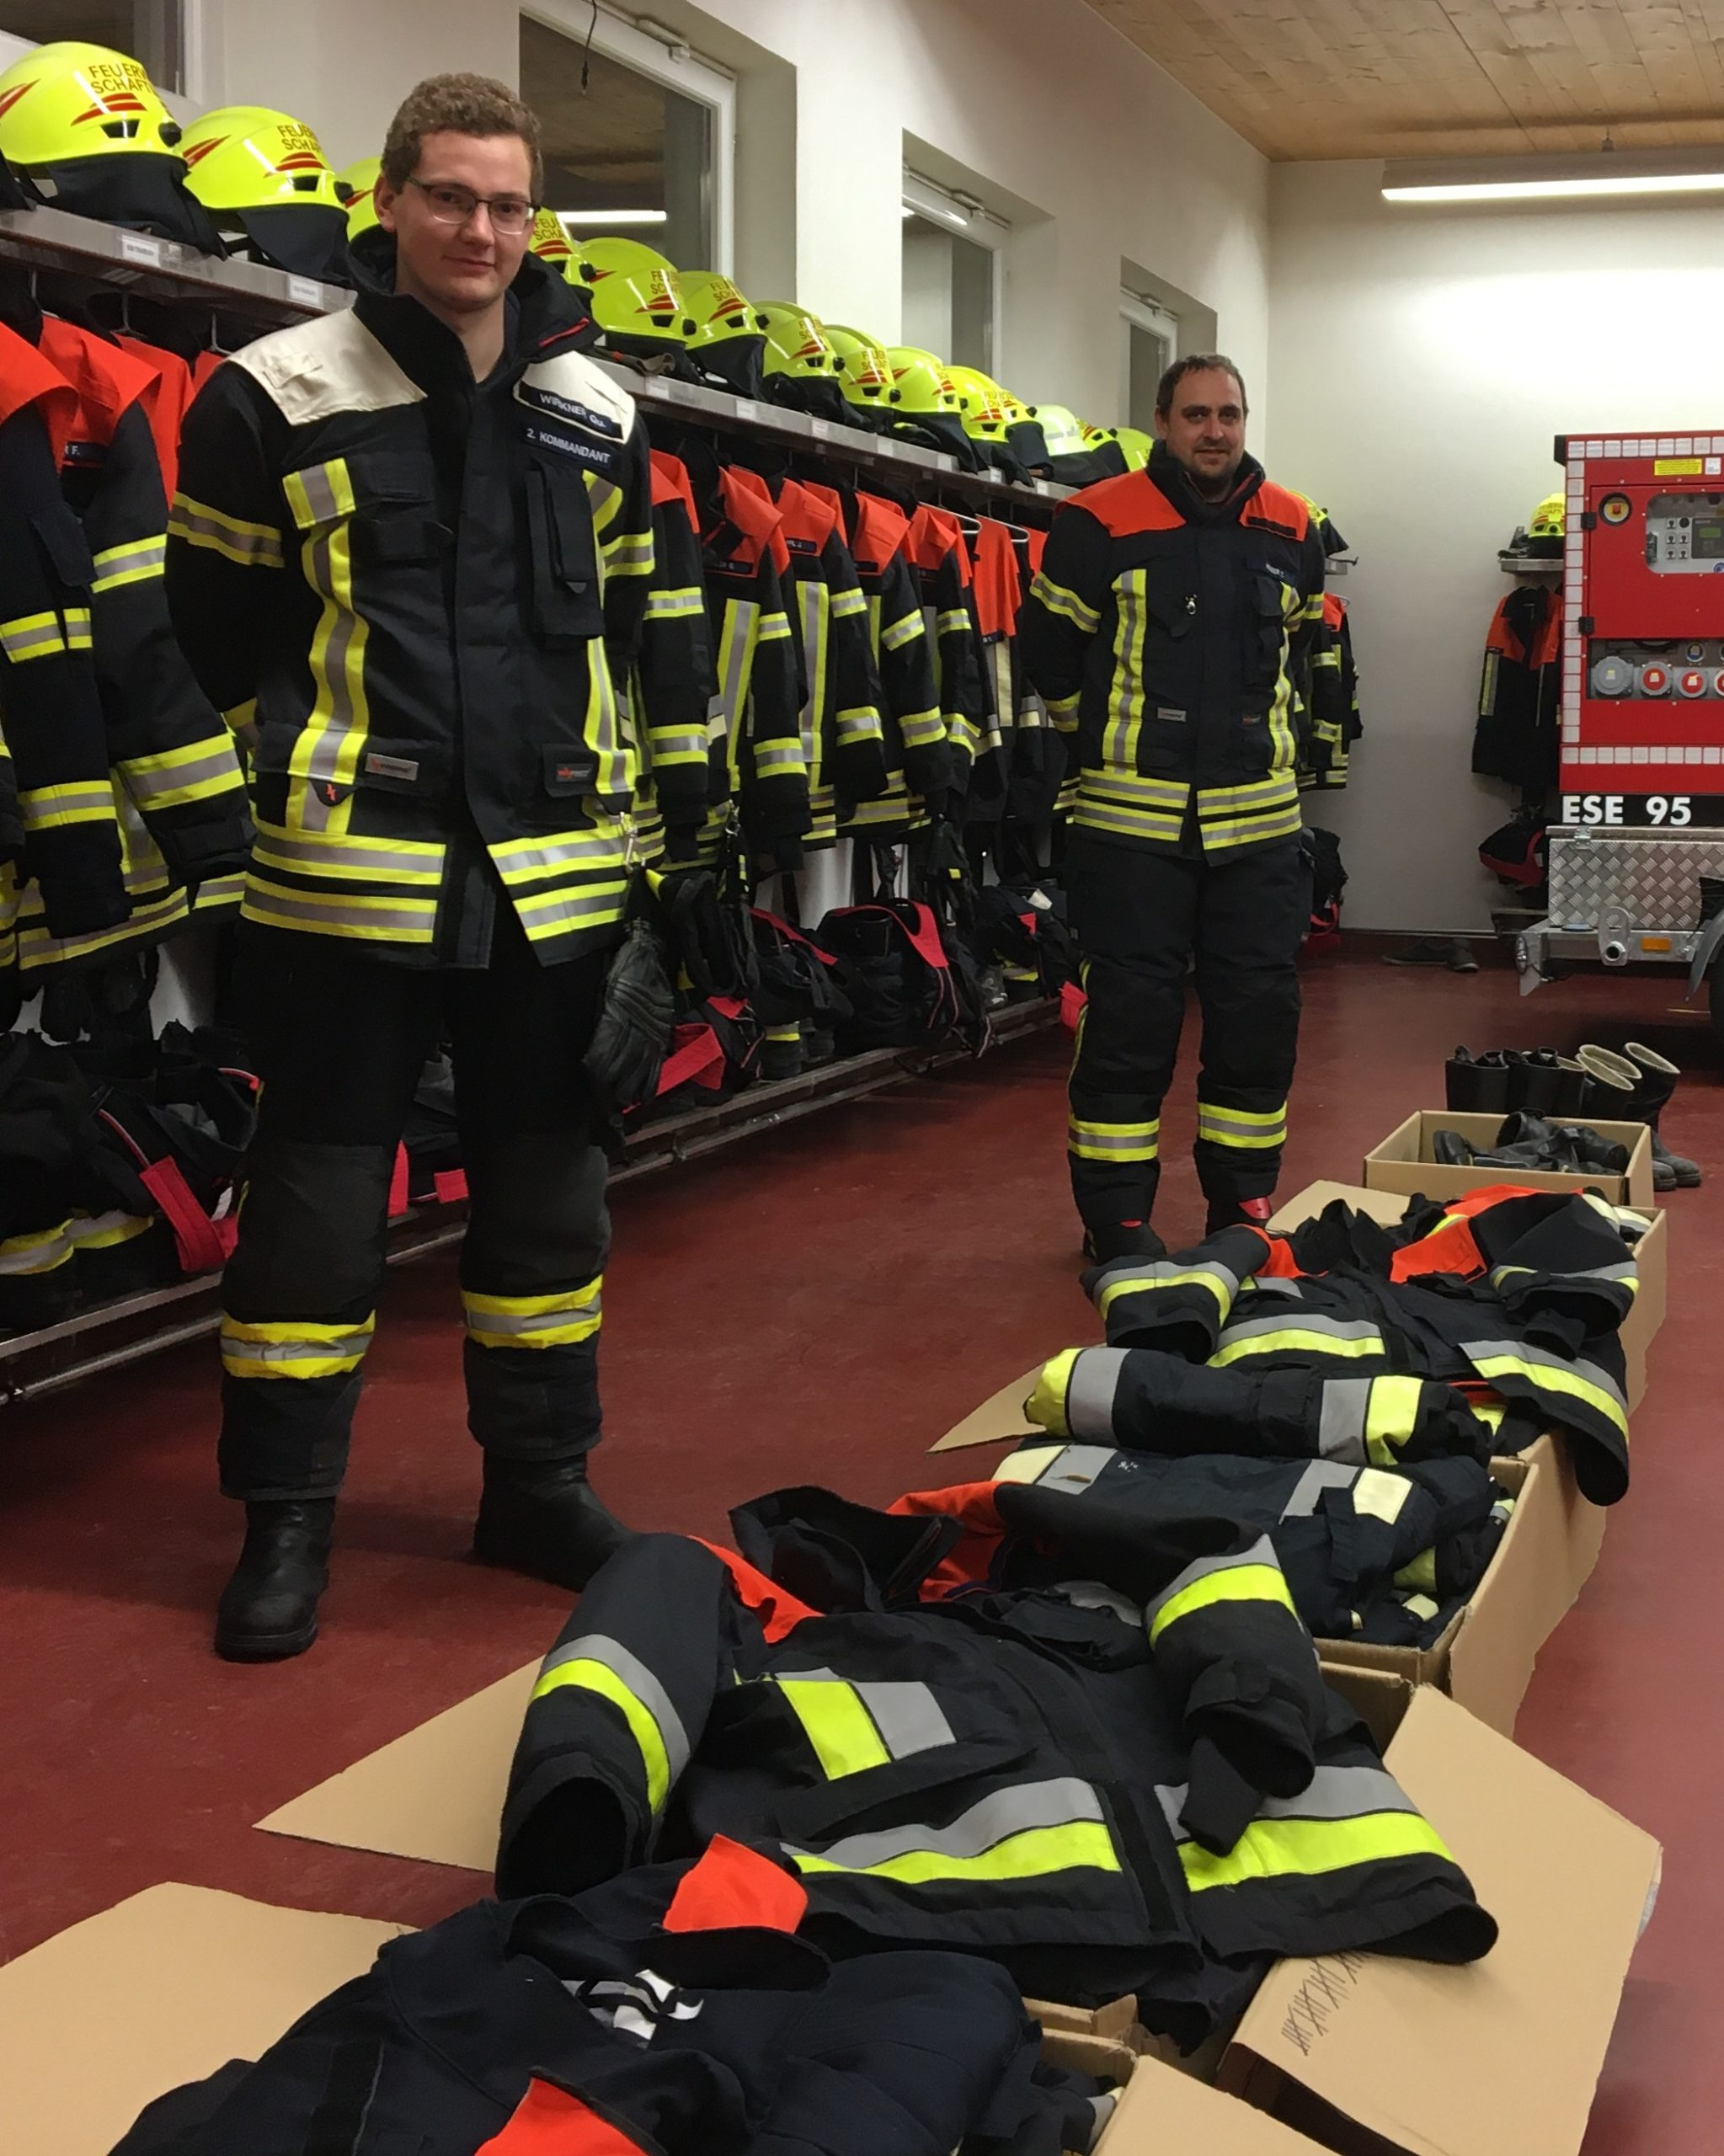 Das Bild zeigt unseren 2. Kommandanten Quirin Wirkner und Atemschutzausbilder Tobias Huber in neuer Einsatzkleidung.